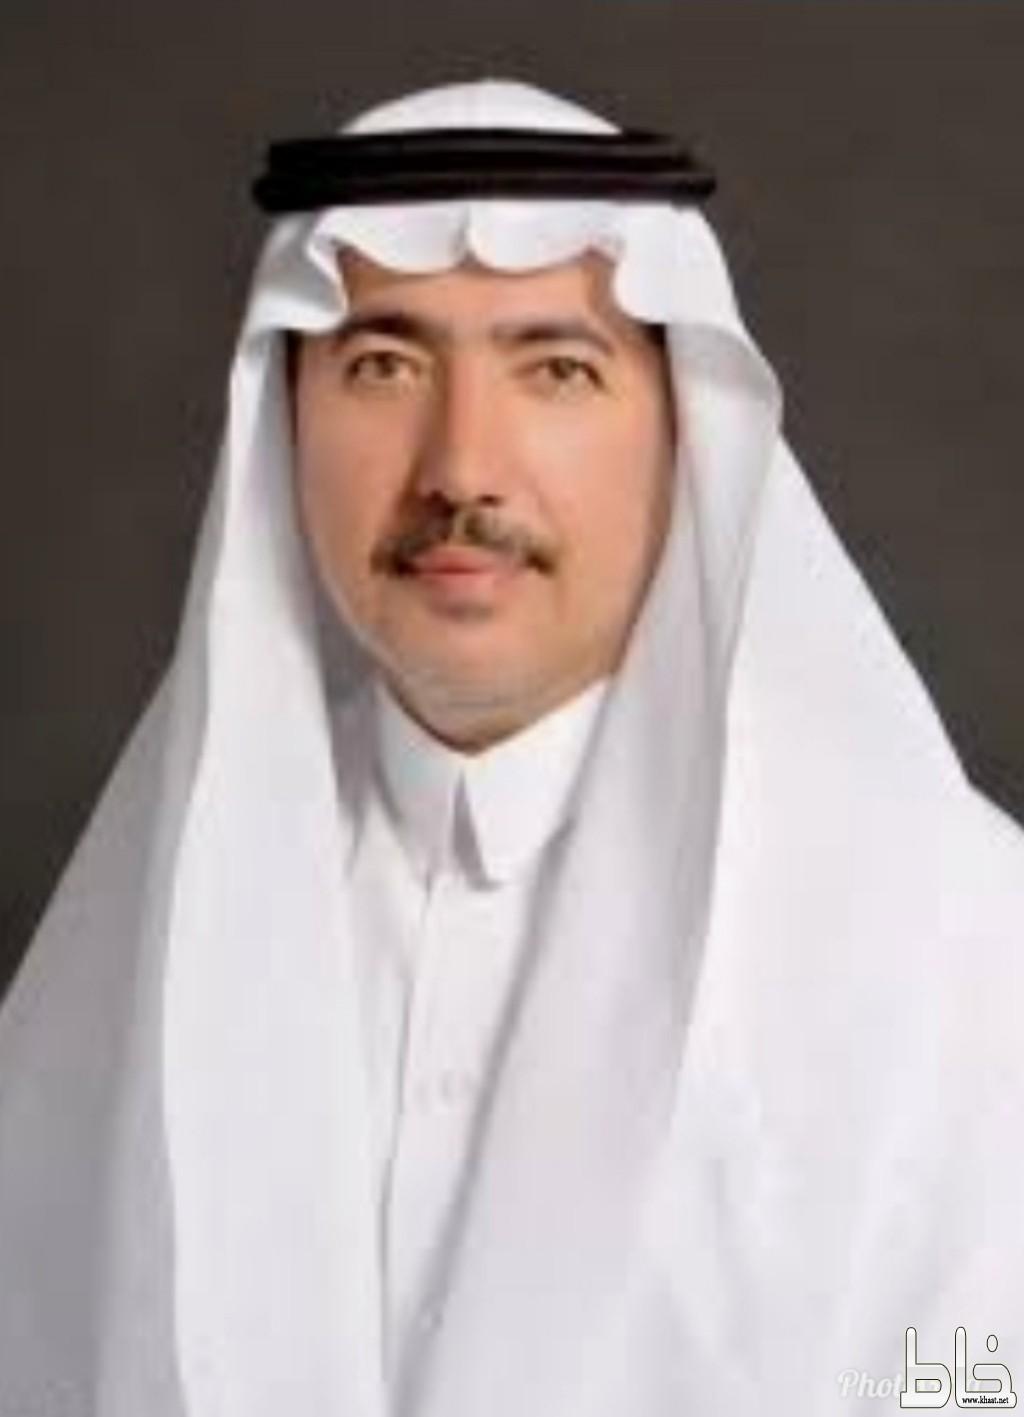 امين عسير يوجه بتشكيل لجنة عاجلة لبحث مسببات التسمم في بحر ابو سكية